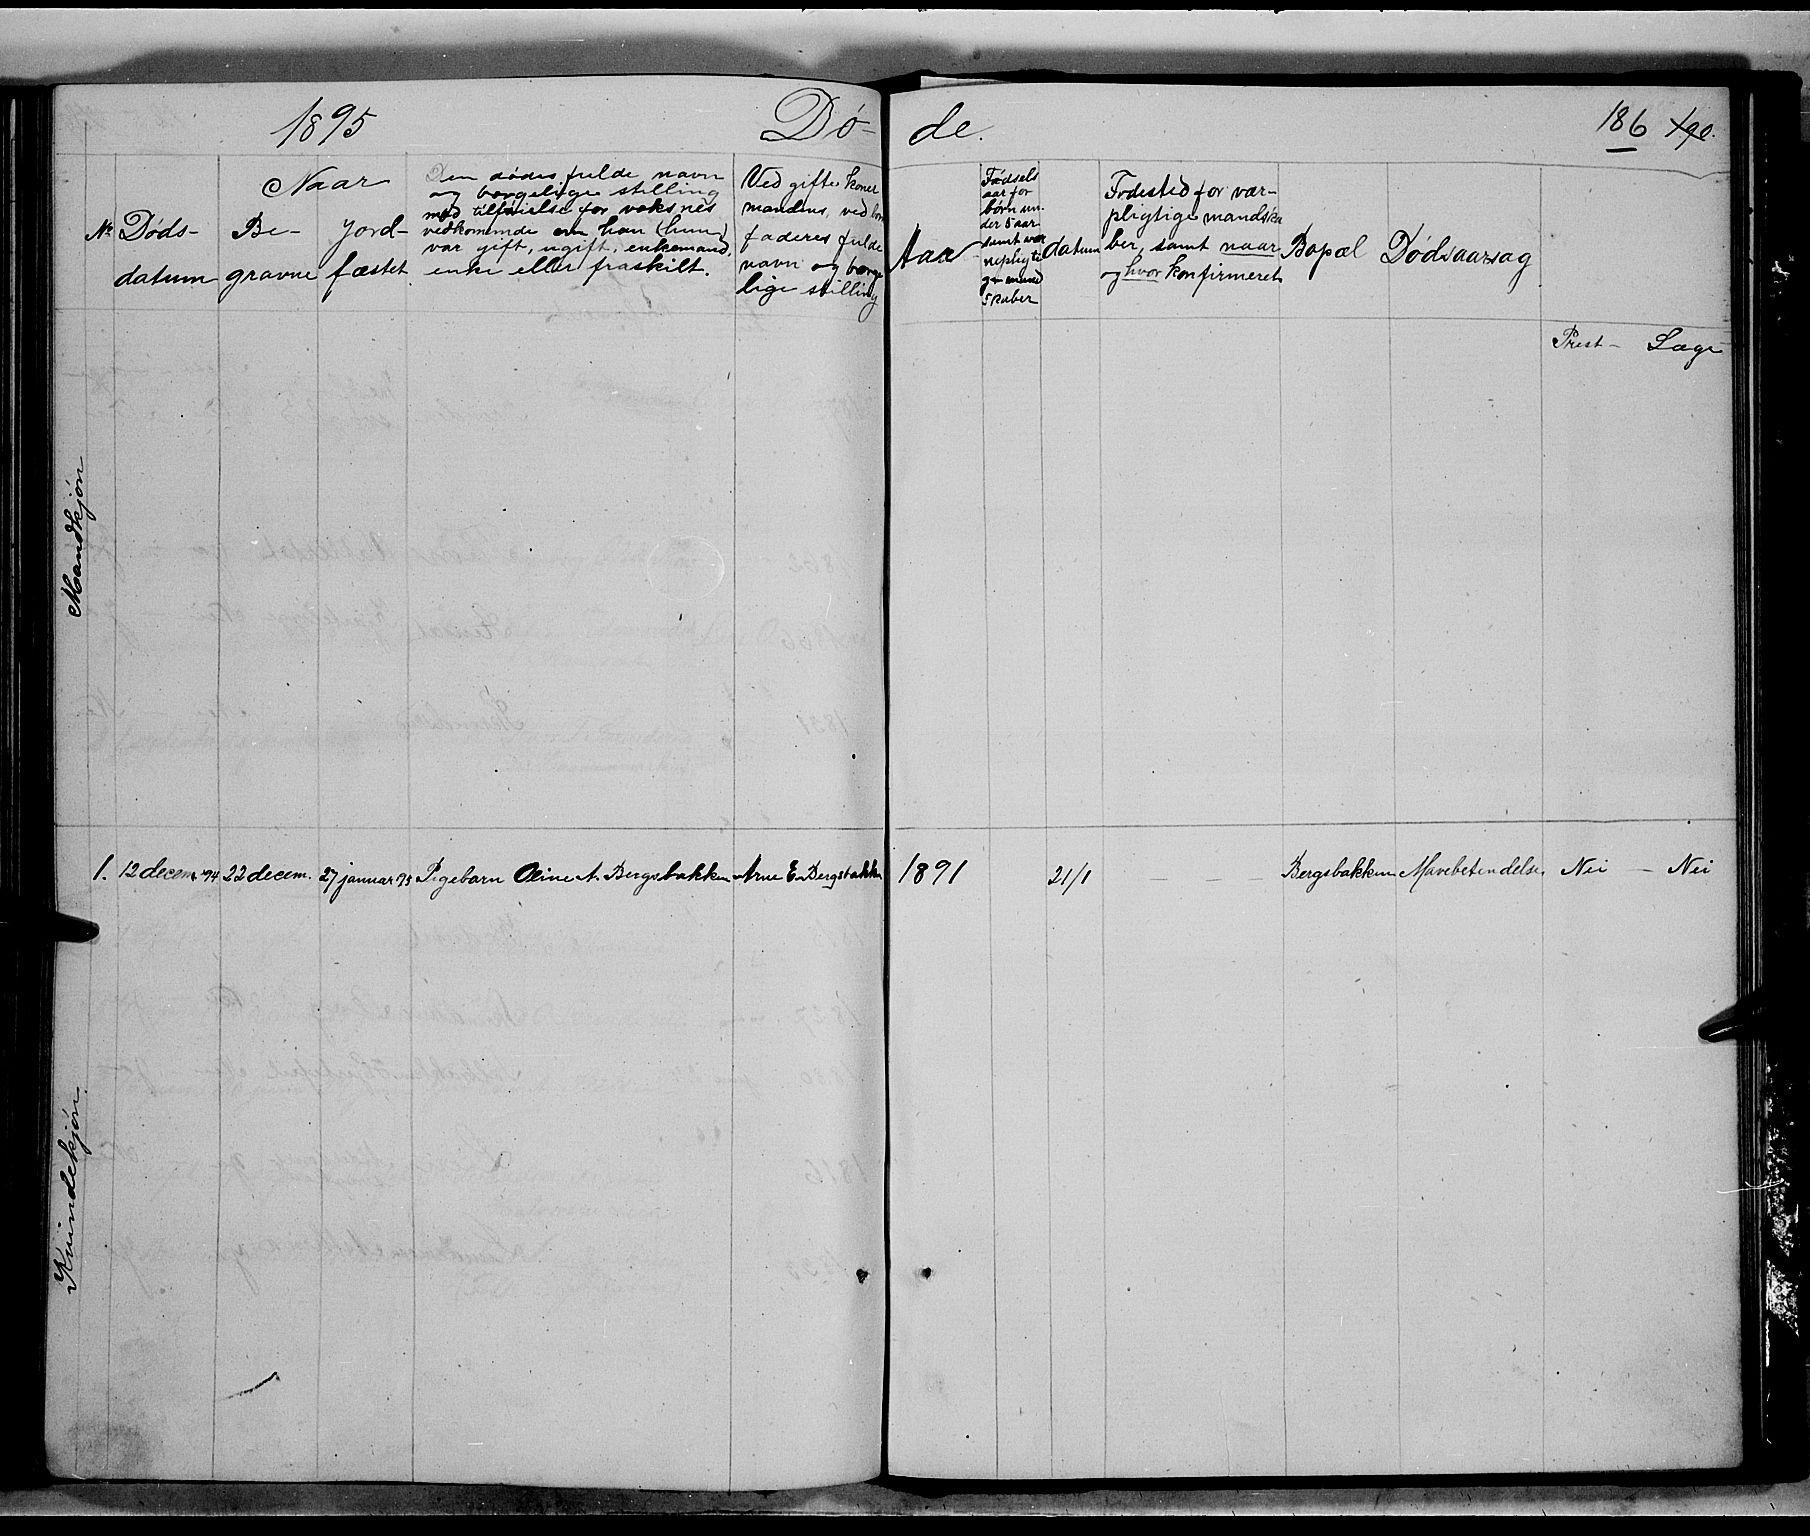 SAH, Nord-Aurdal prestekontor, Klokkerbok nr. 5, 1876-1895, s. 186